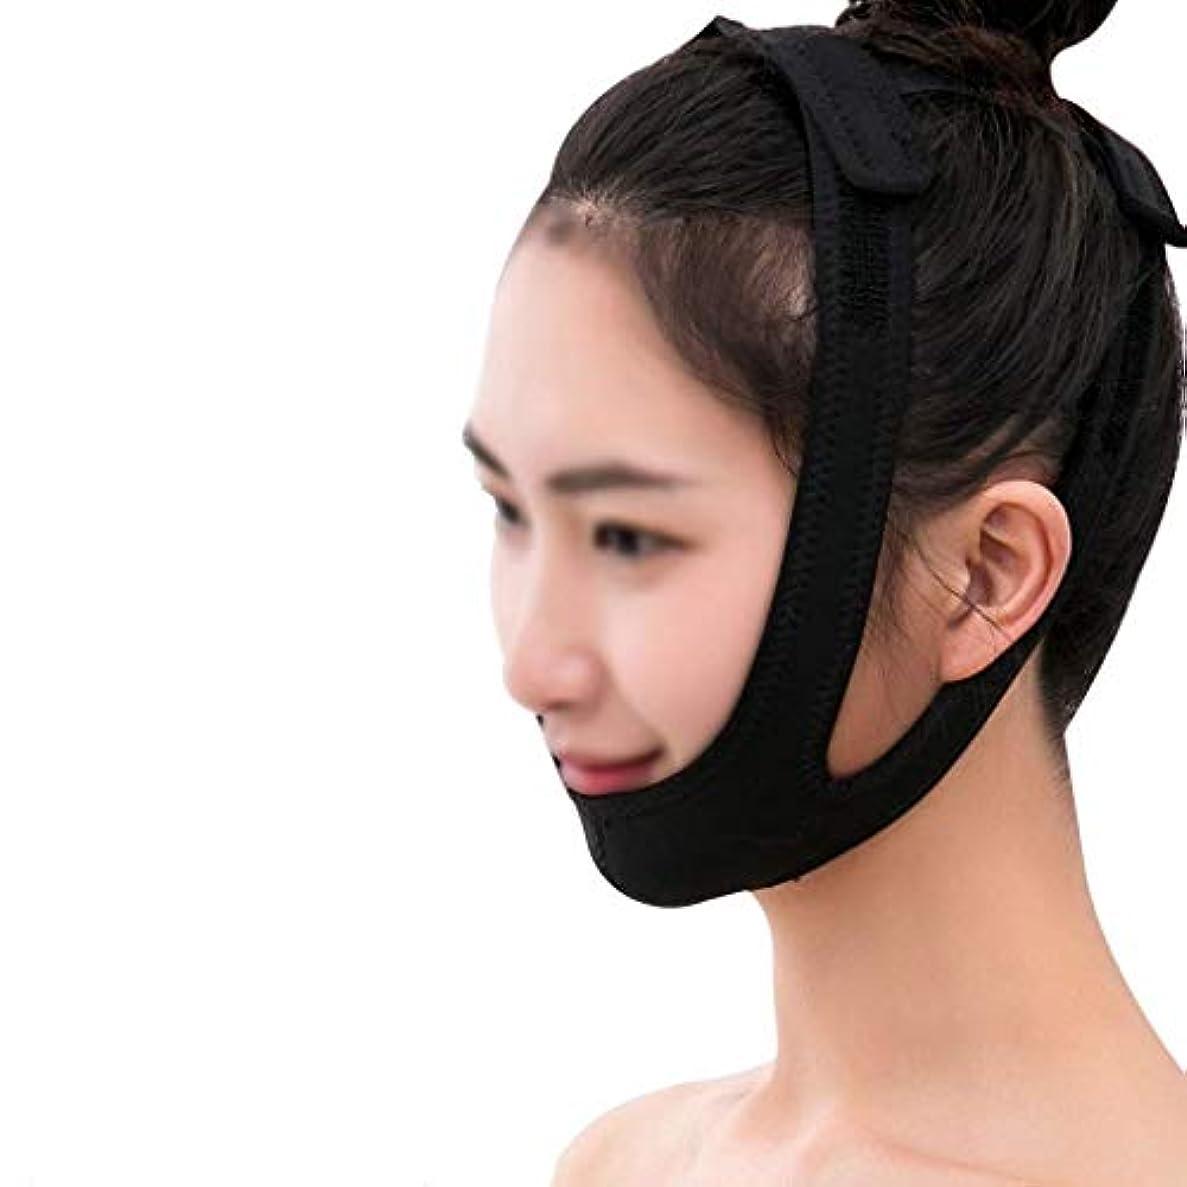 病者団結差別するフェイシャルリフティングマスク、医療用ワイヤーカービングリカバリーヘッドギアVフェイス包帯ダブルチンフェイスリフトマスク